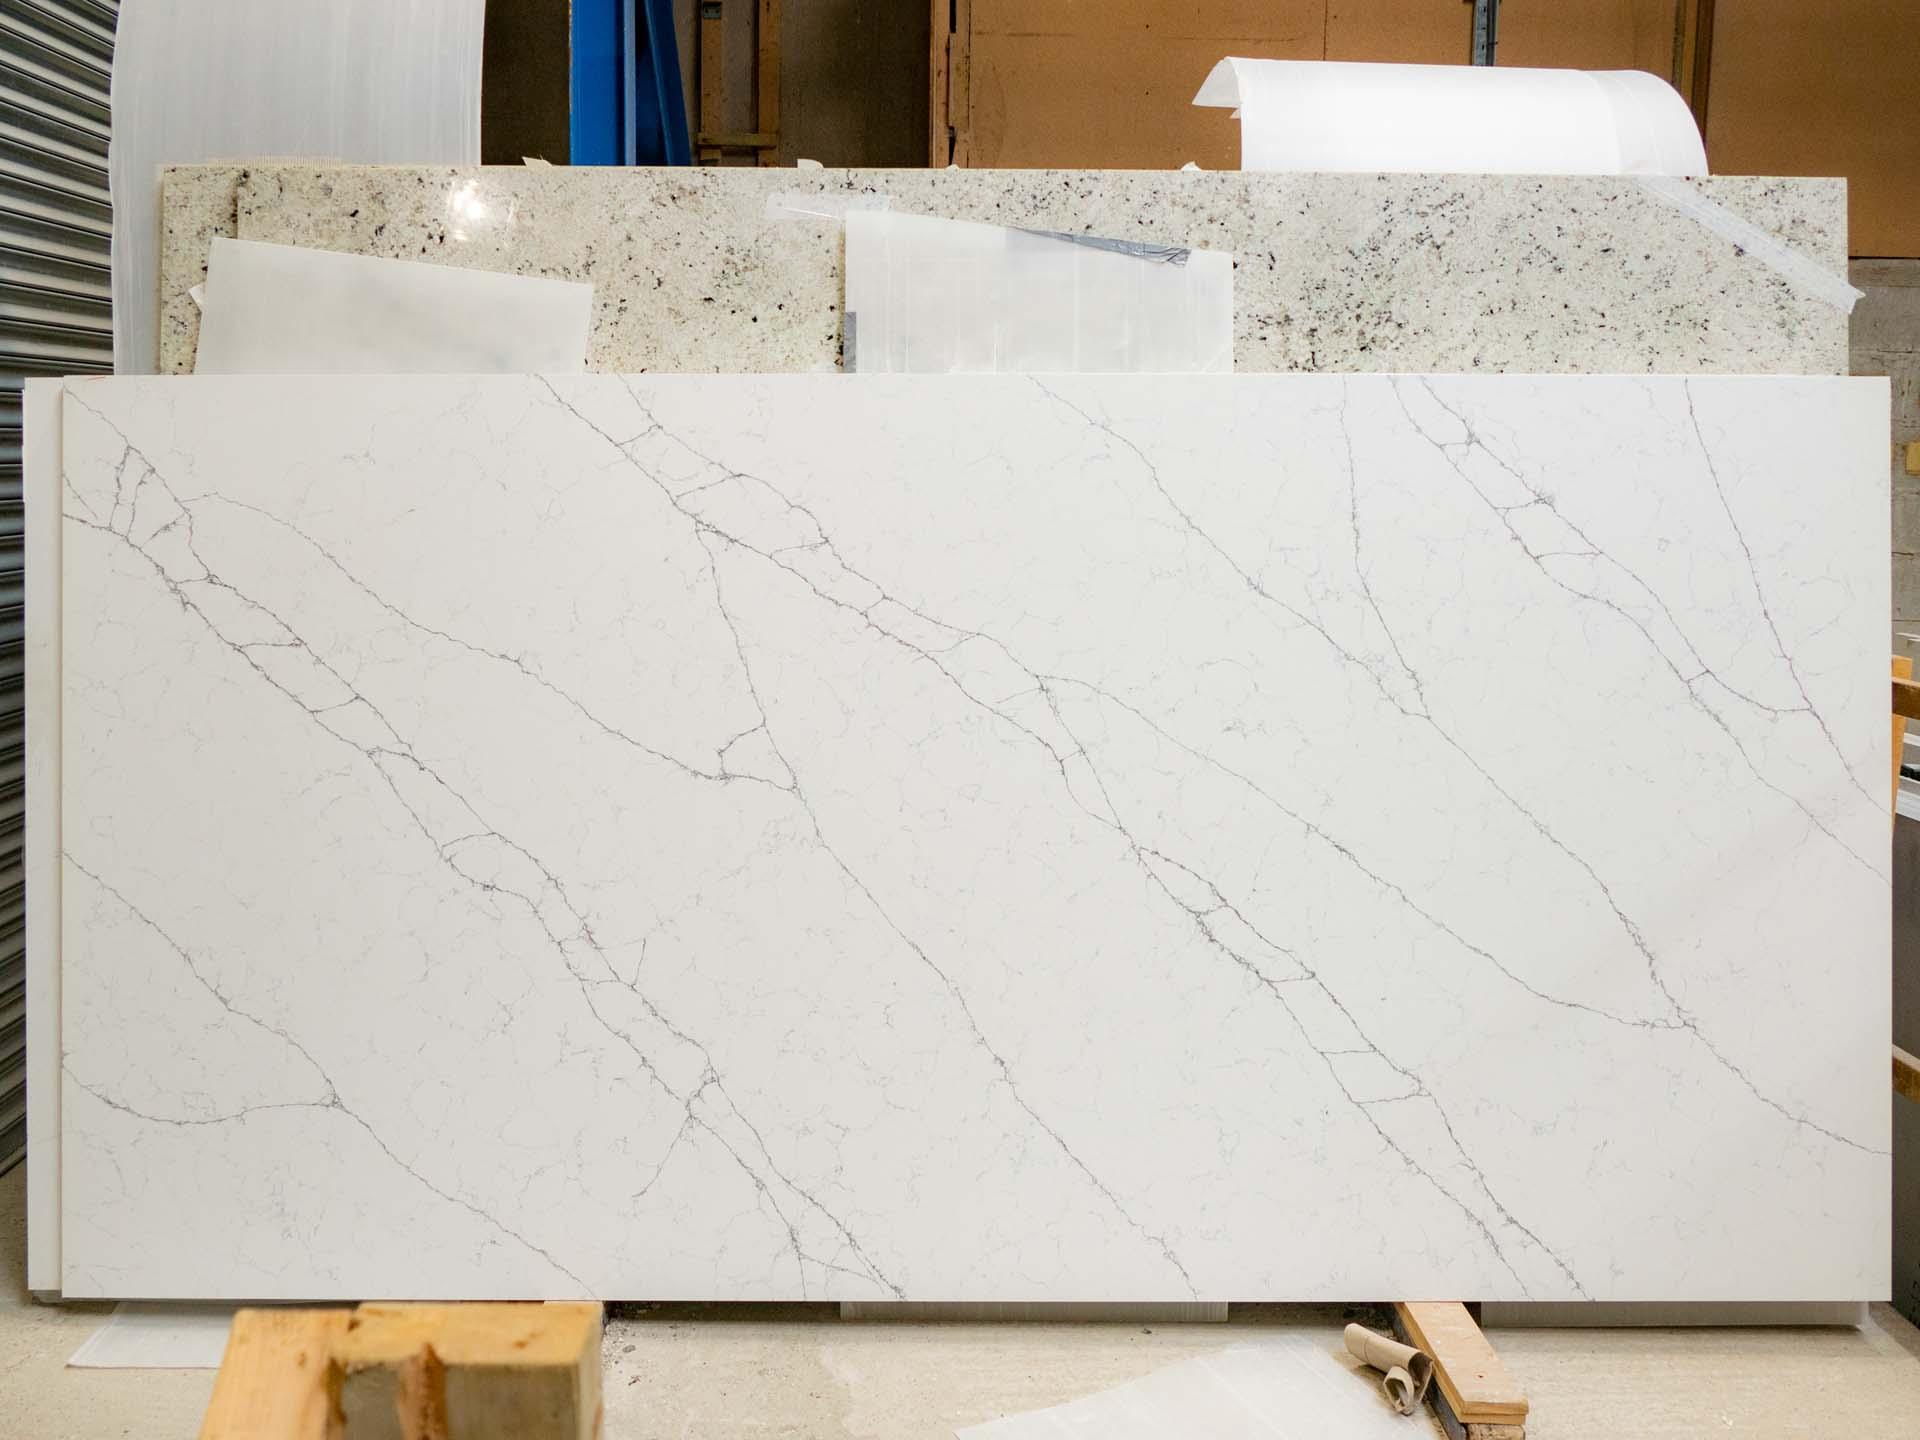 Classic Quartz Alaska Bianca quartz worktops marble look